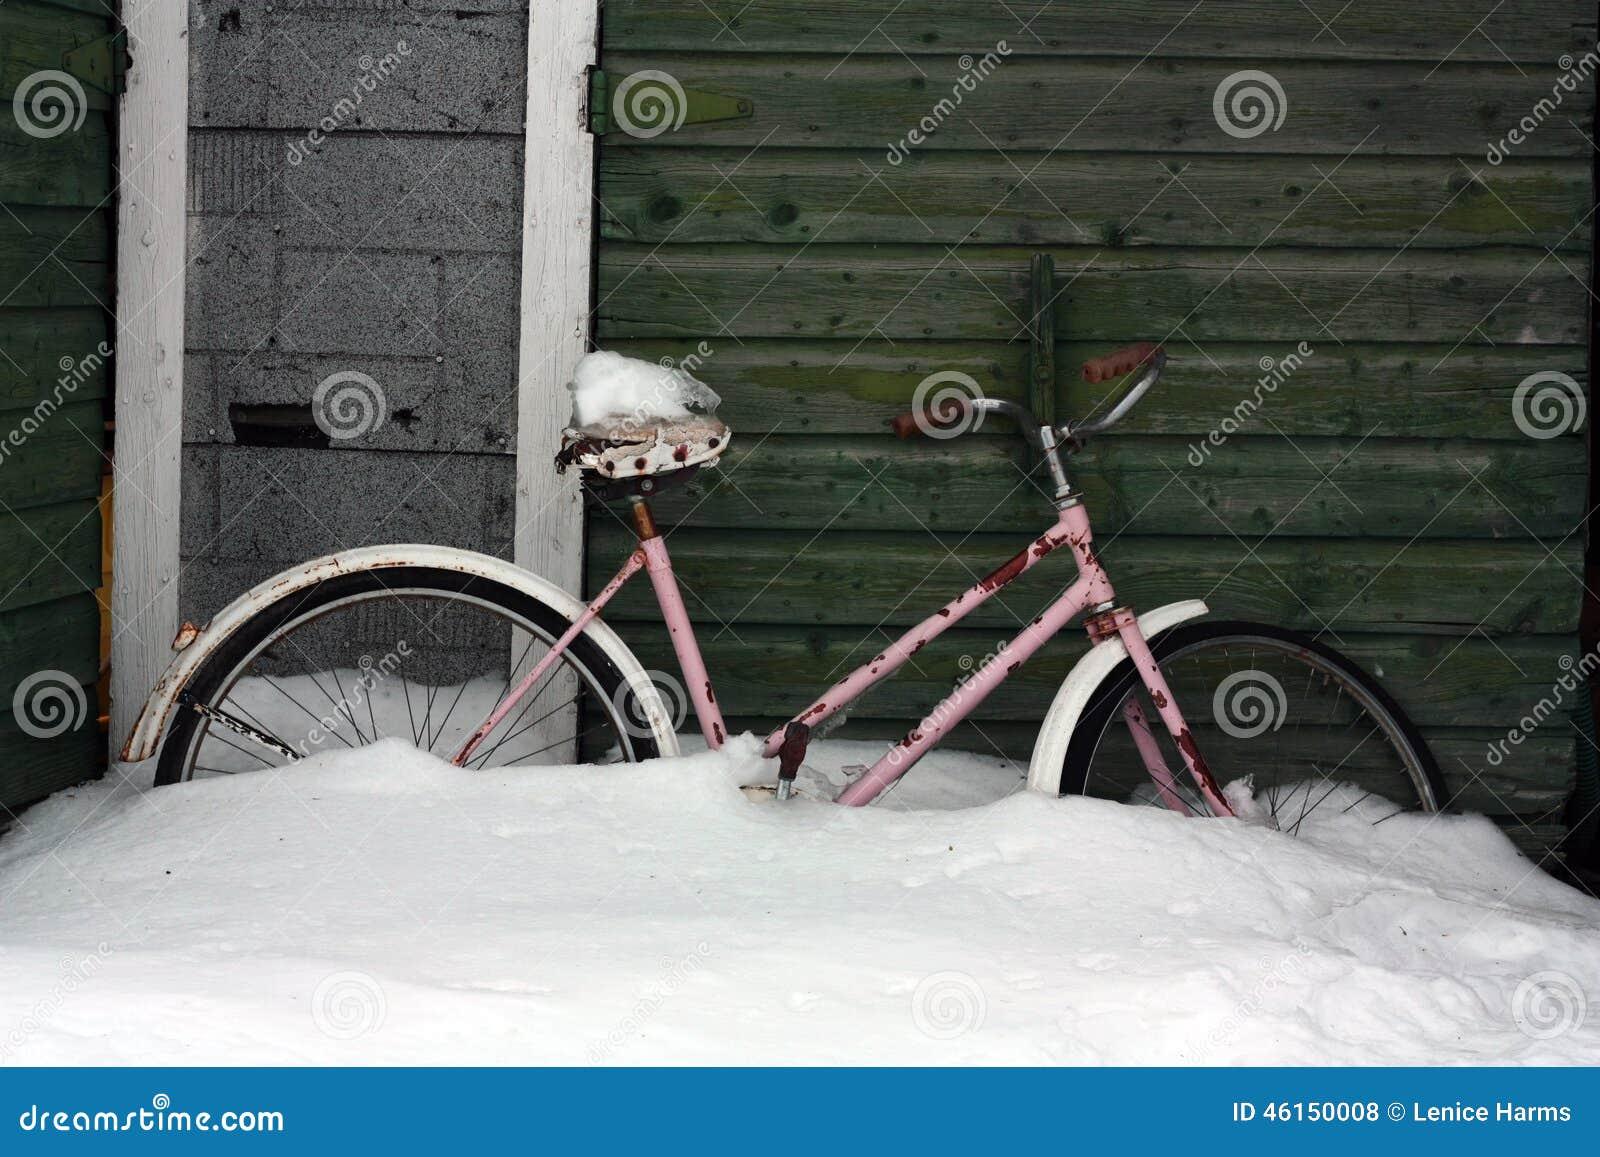 Fiets in Sneeuw door oude loods